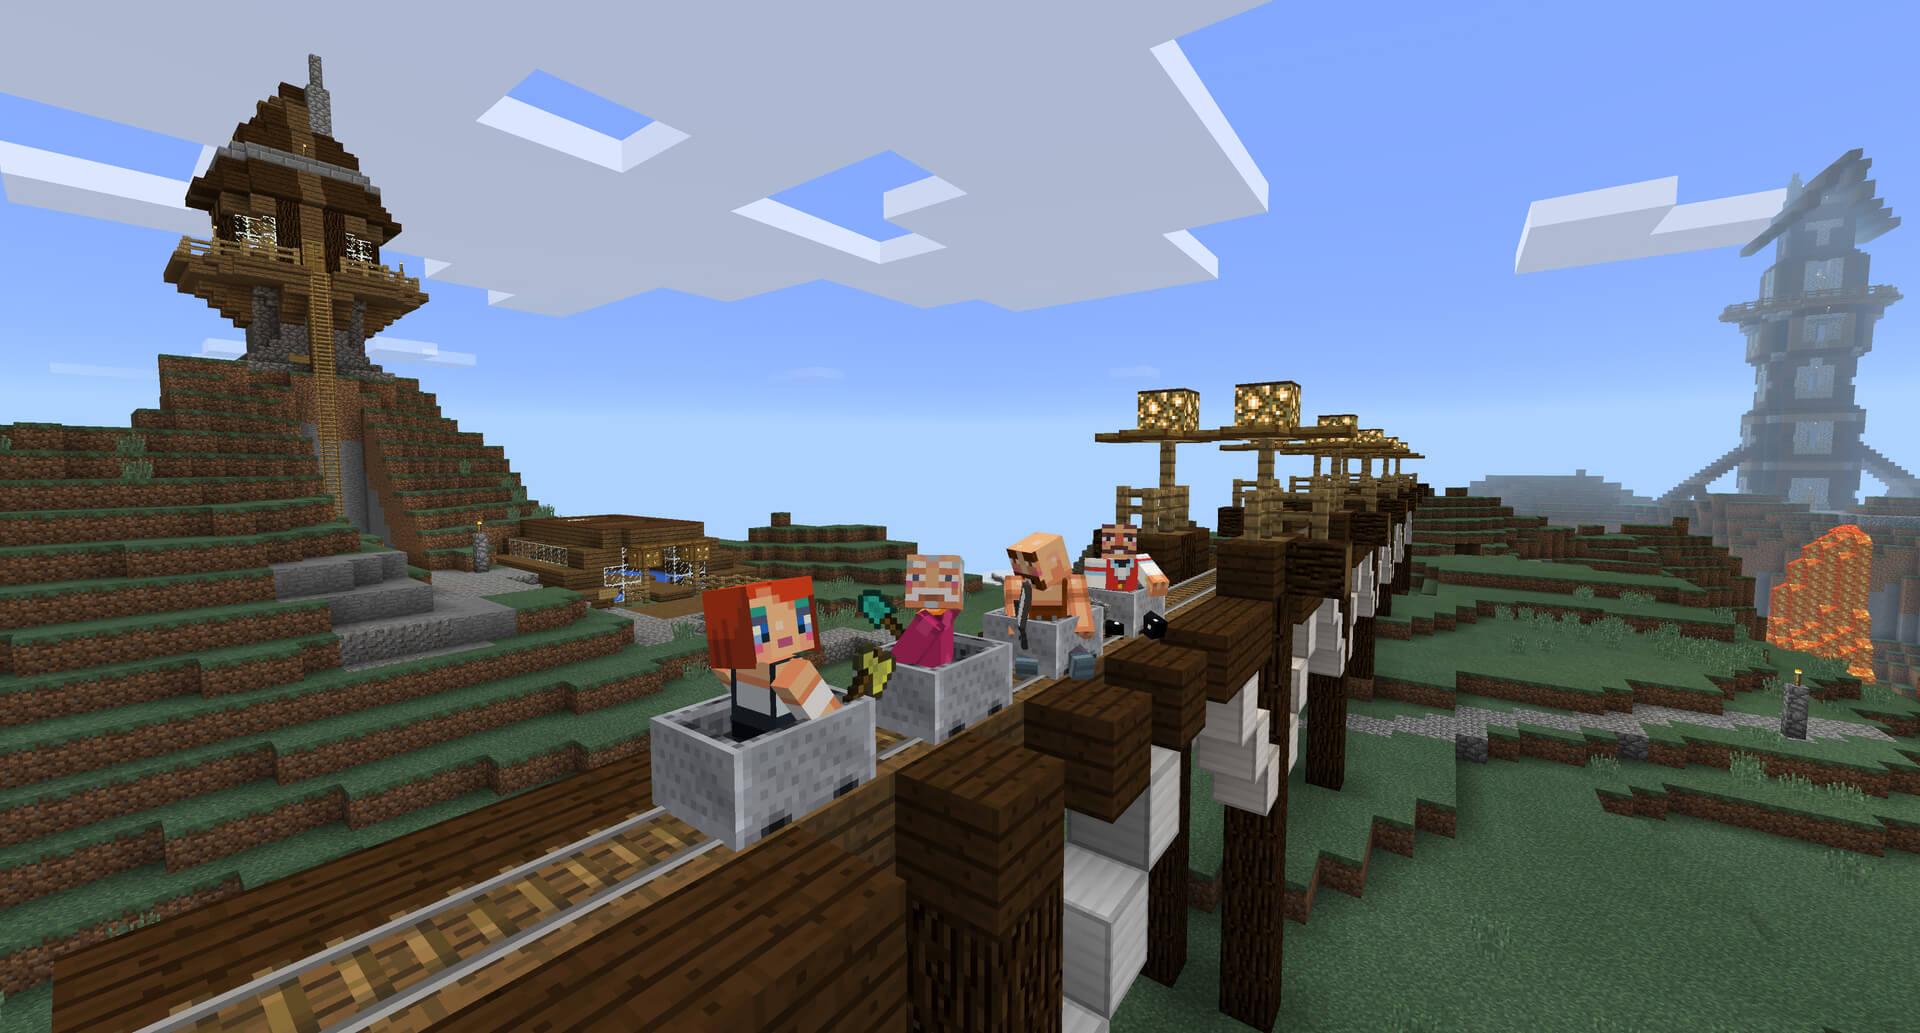 Minecraft screenshots not saving